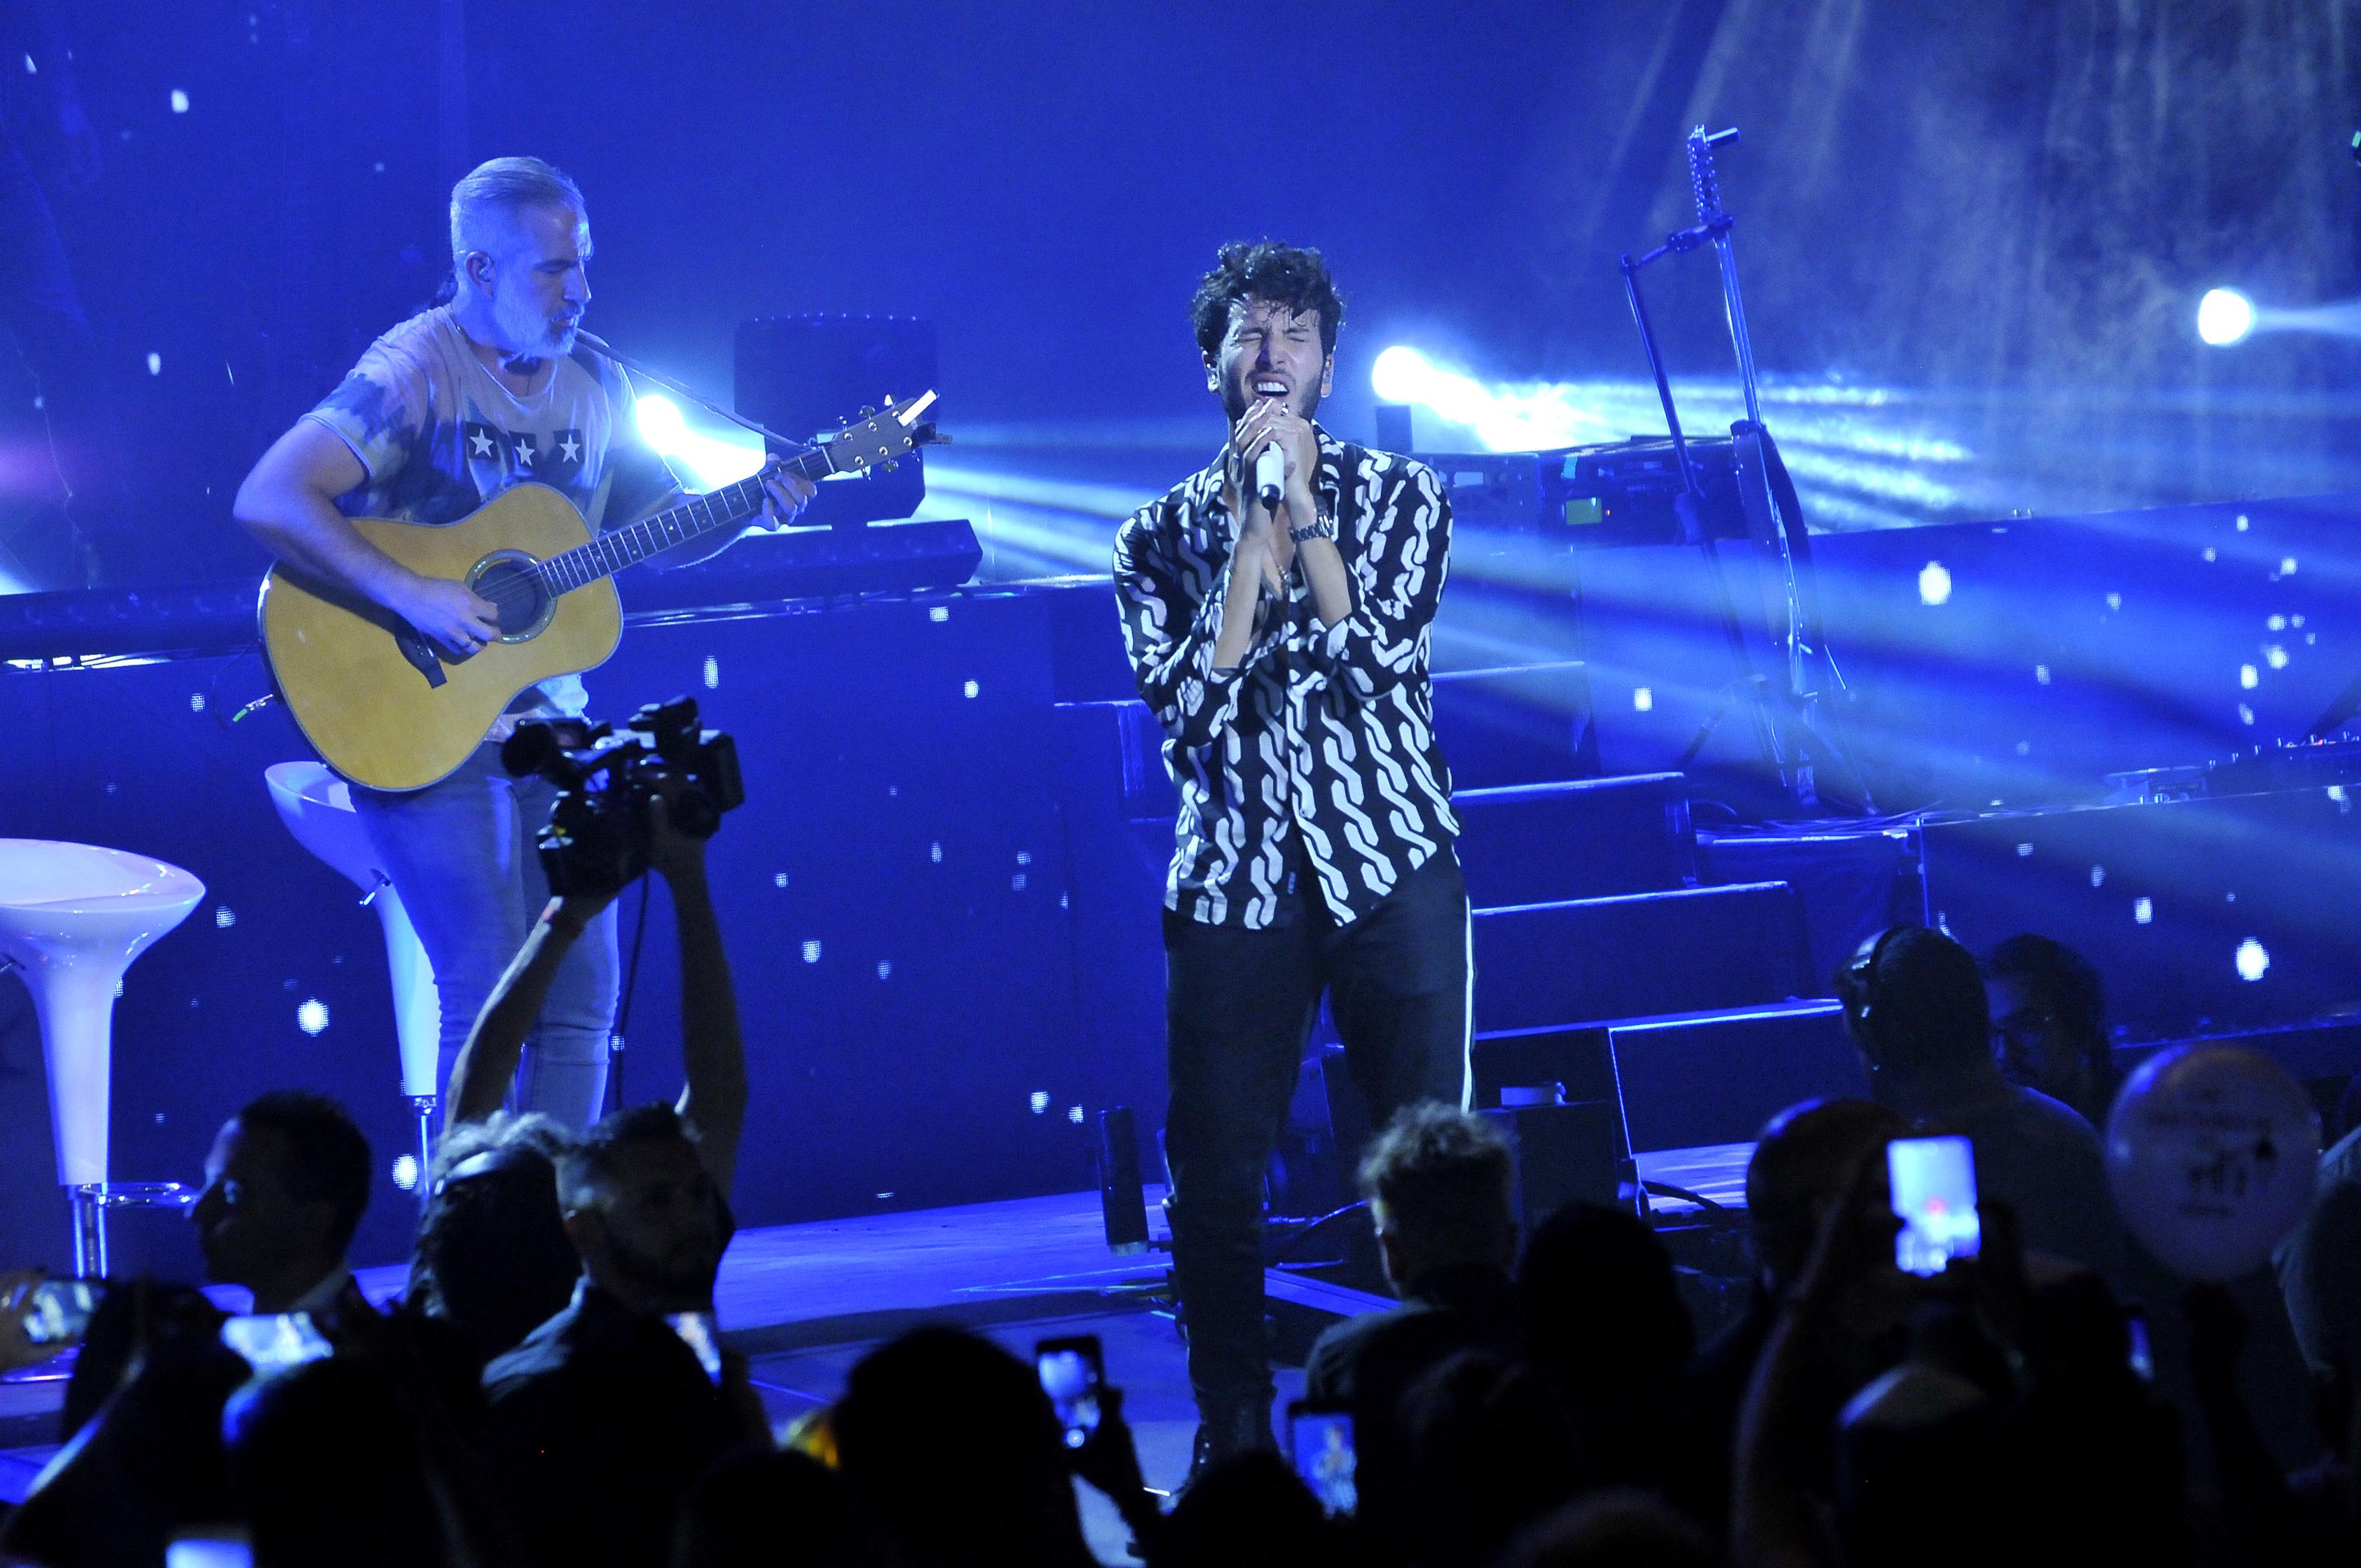 El cantante colombiano brindó un show en el estadio Luna Park